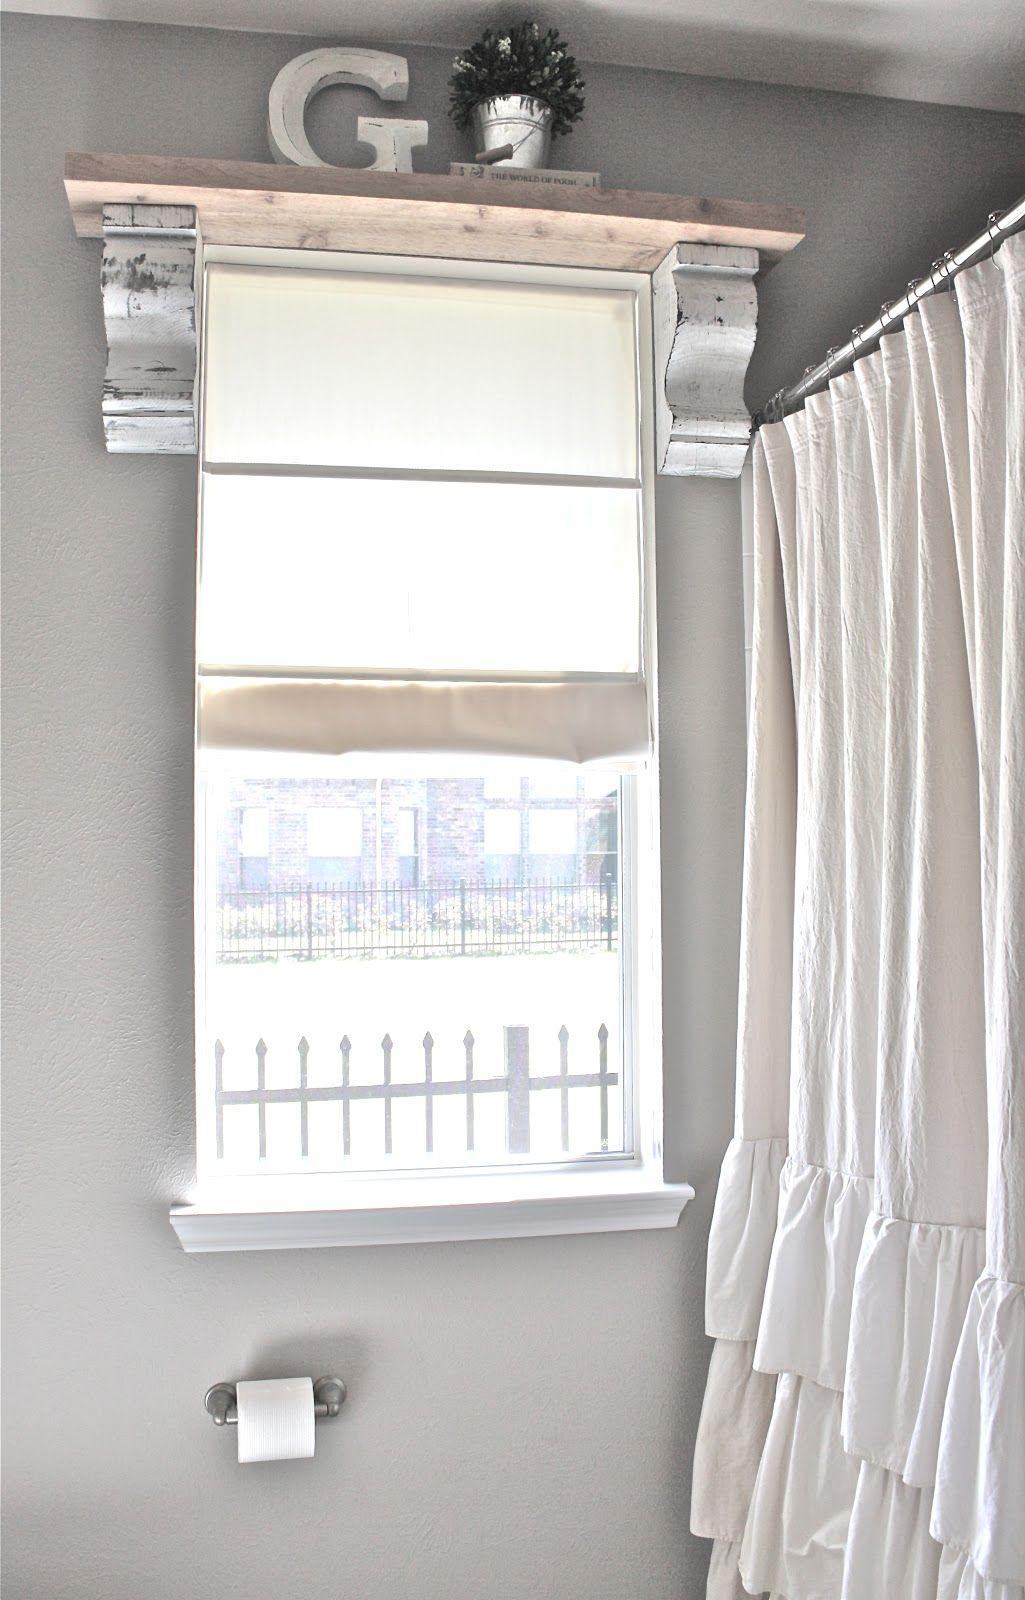 Shelf over kitchen window  shelf th street design school  kirsten krason interiors  ranch